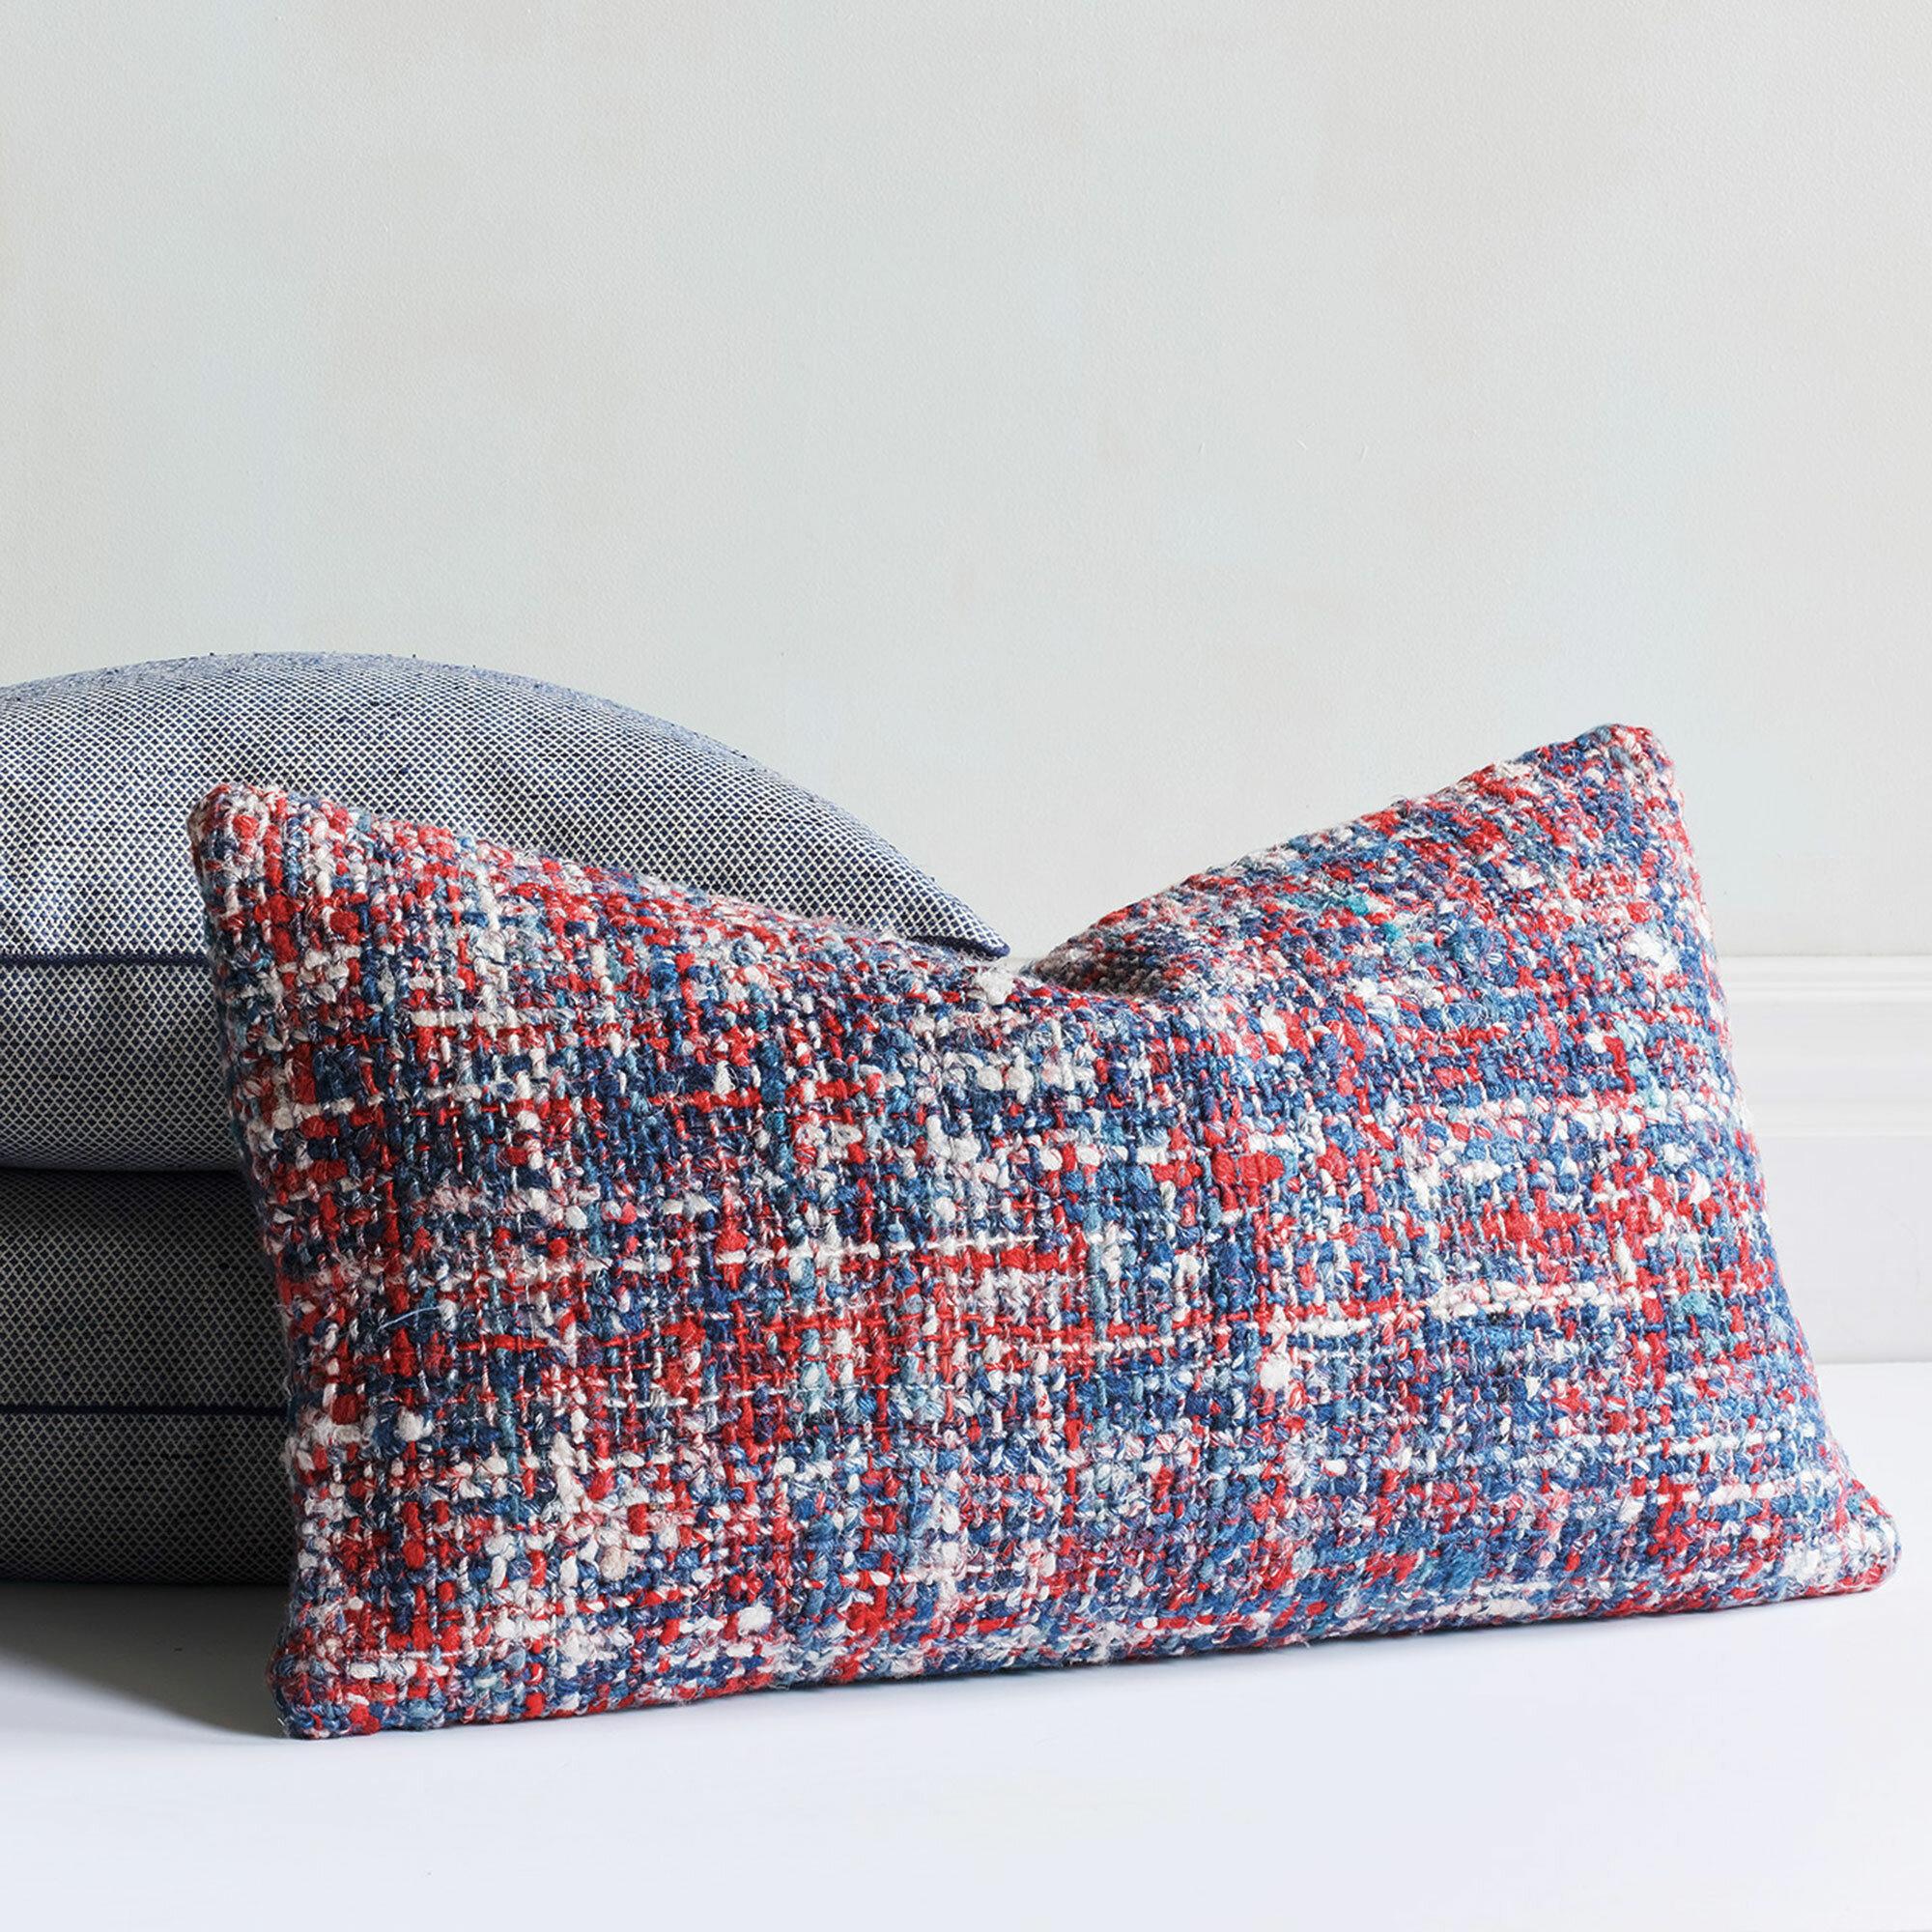 Eastern Accents Newport By Barclay Butera Rectangular Pillow Cover Insert Wayfair